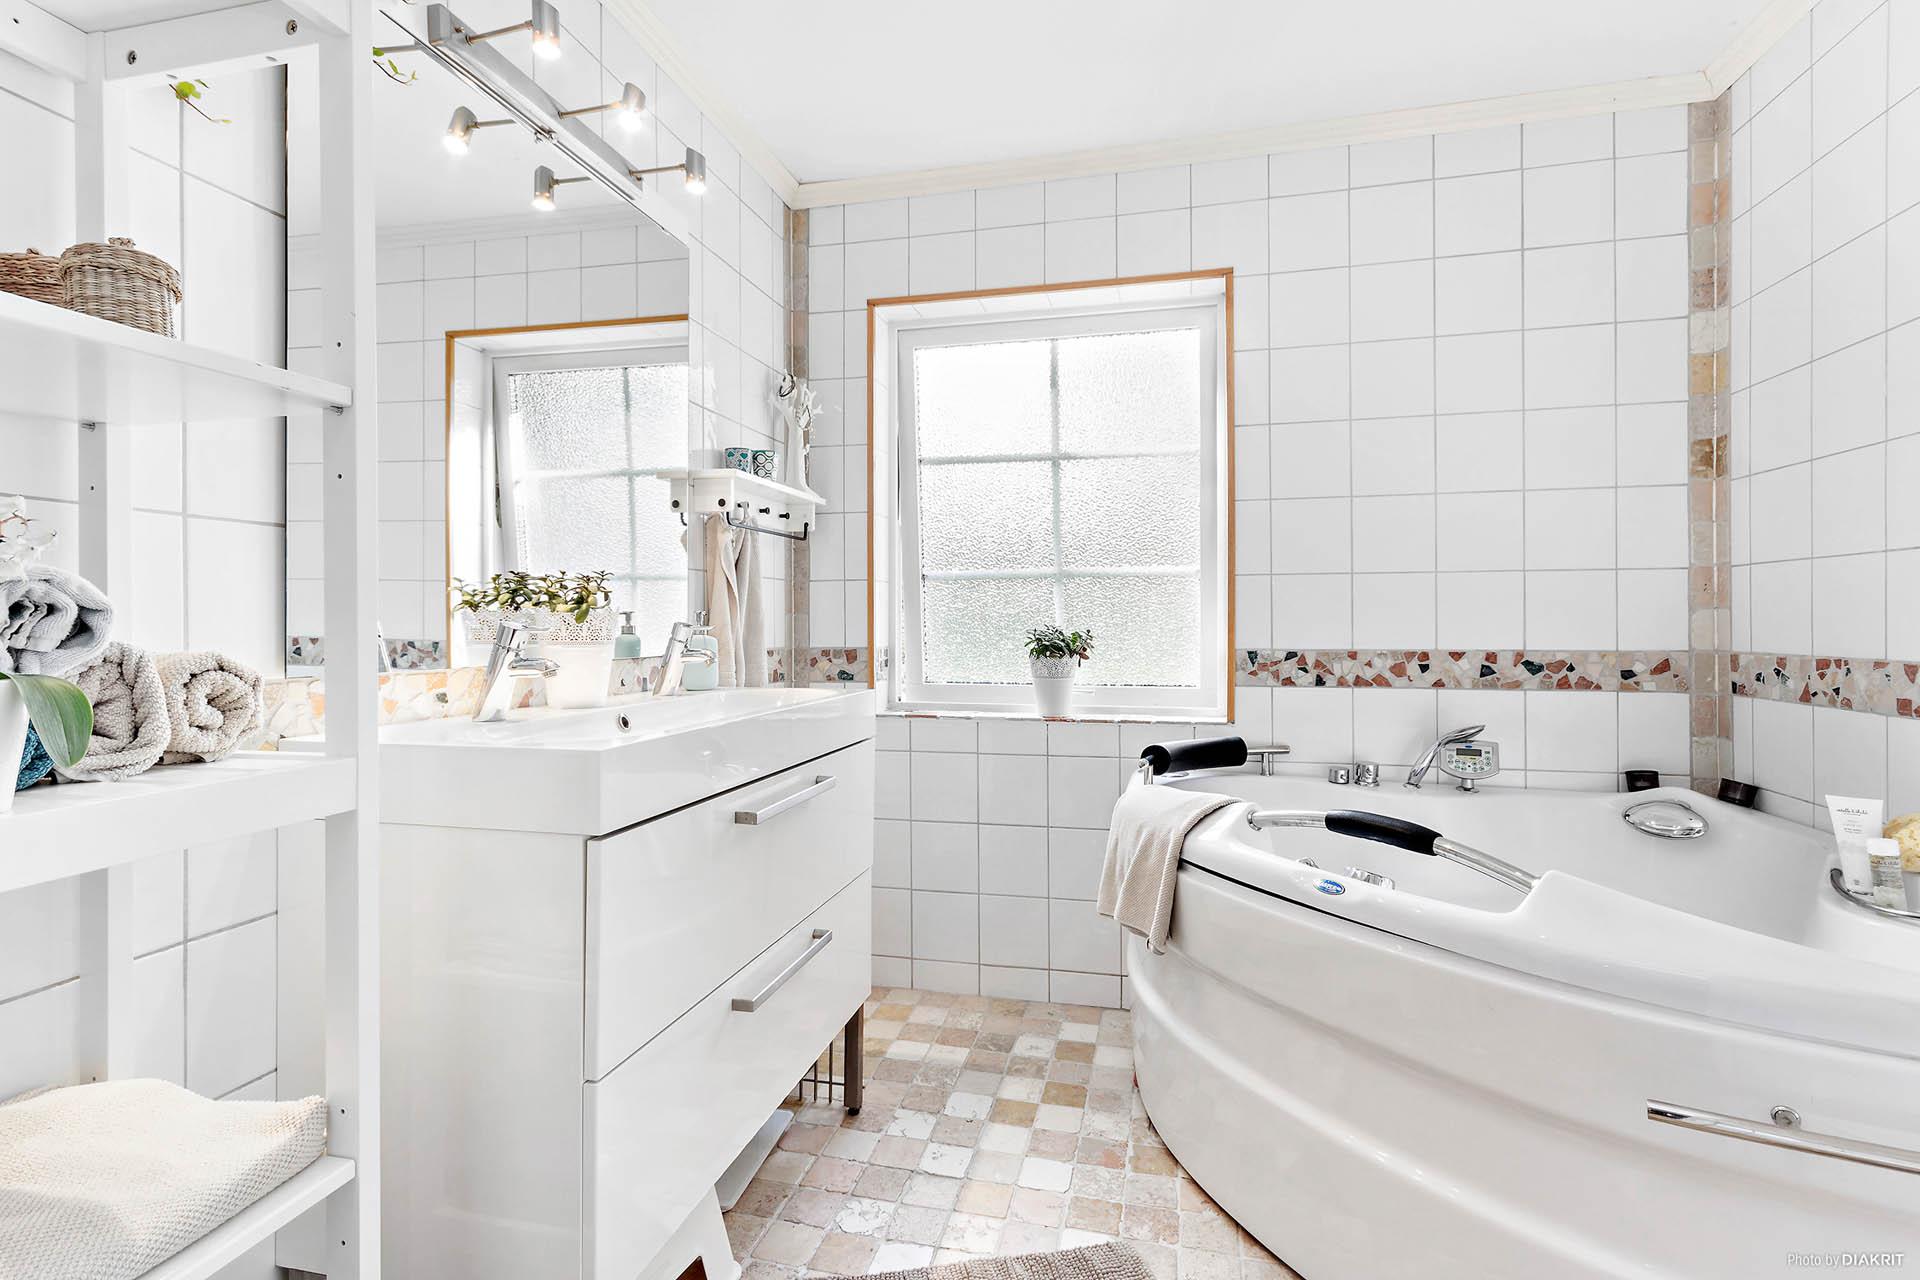 Stort badrum med massagebadkar